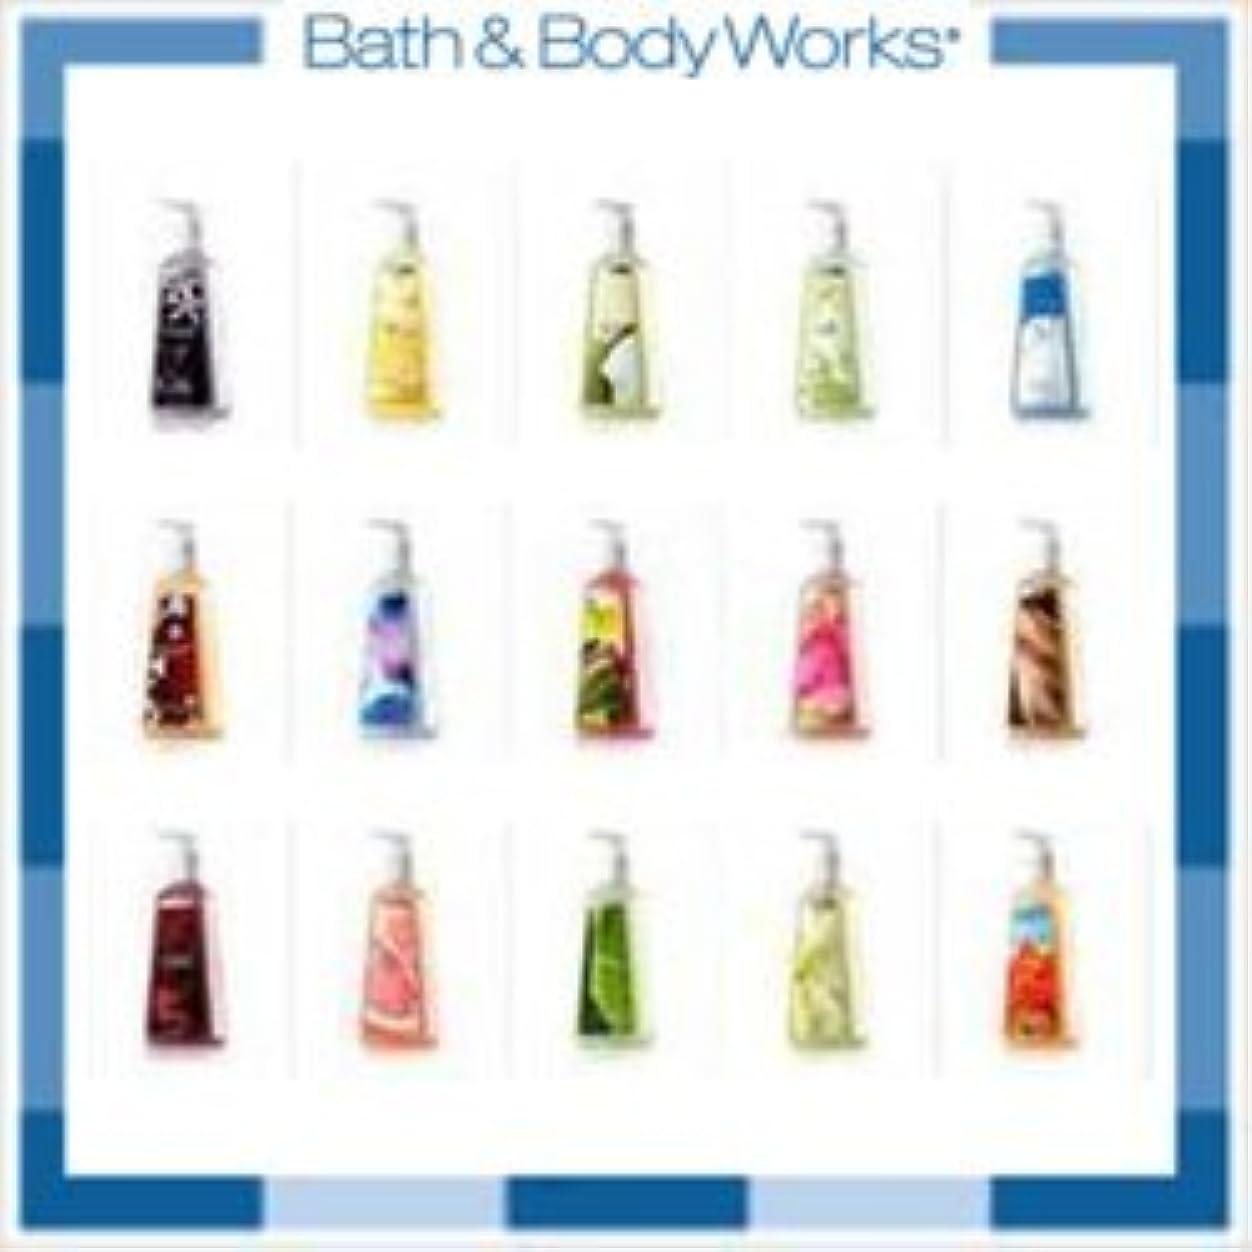 頑丈思いやり大胆なBath and Body Works ハンドソープ ディープクレンジング 12本詰め合わせセット[海外直送品]